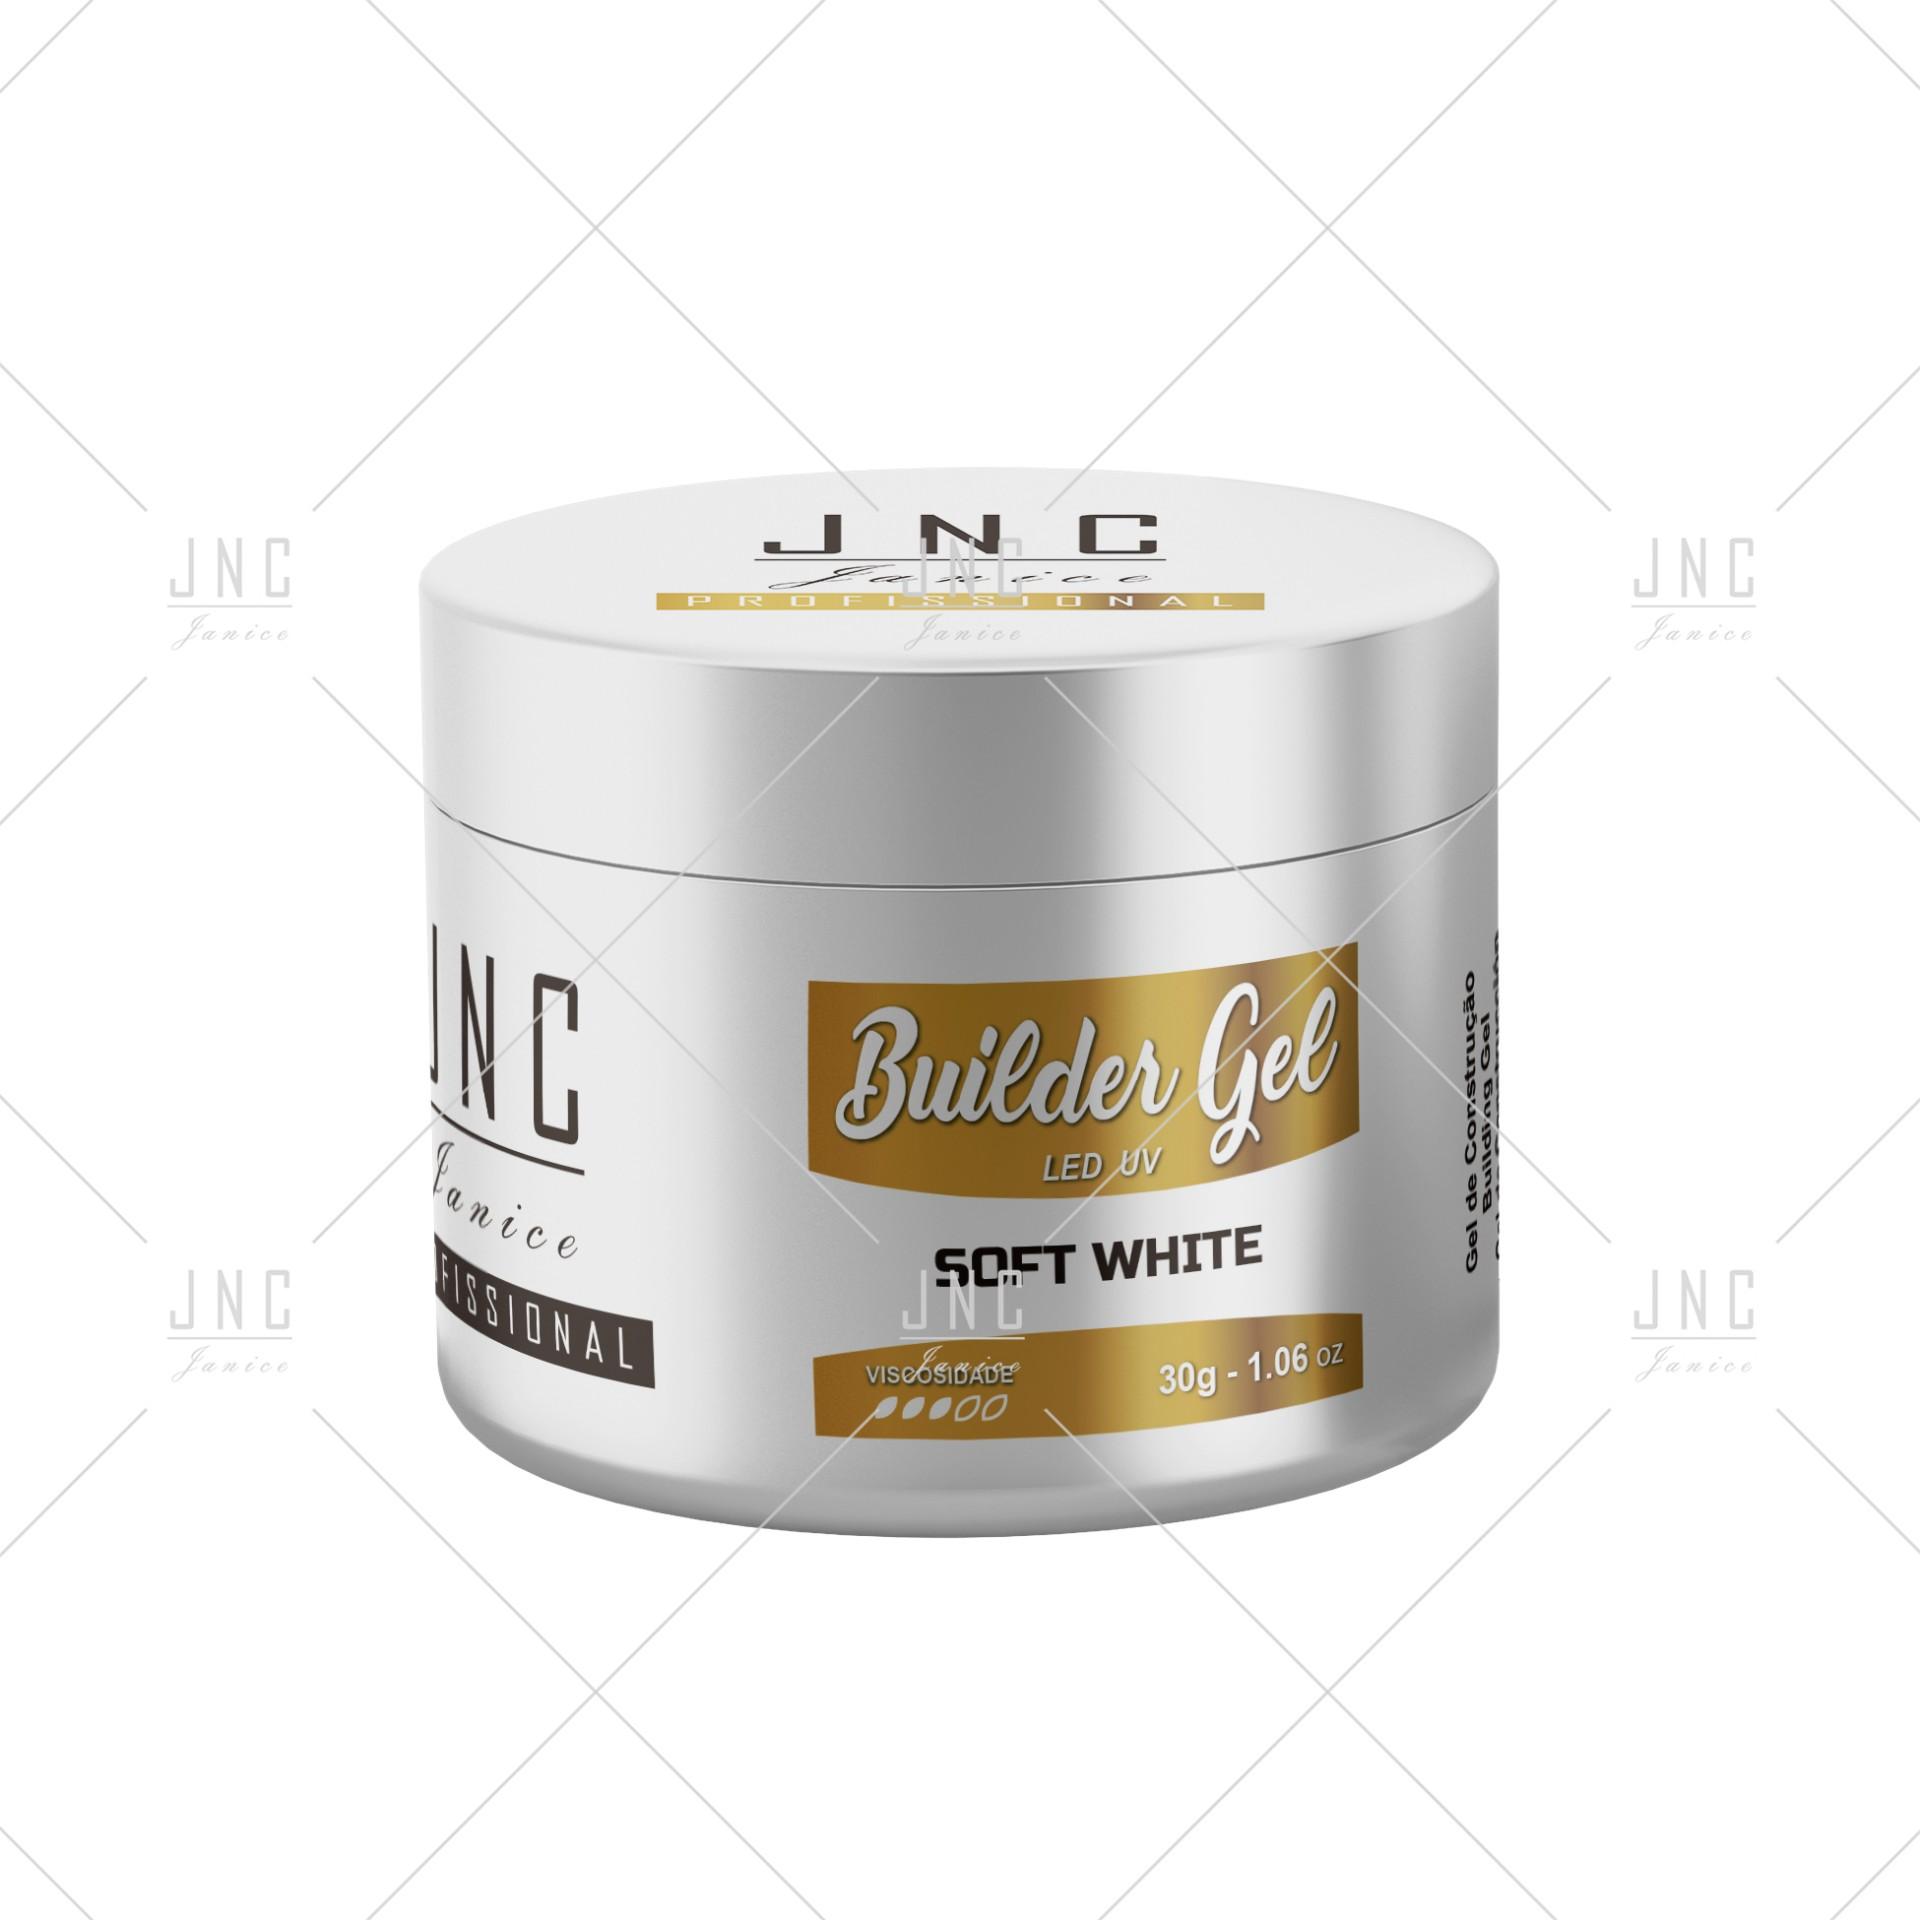 Builder Gel - Soft White | Ref.862503